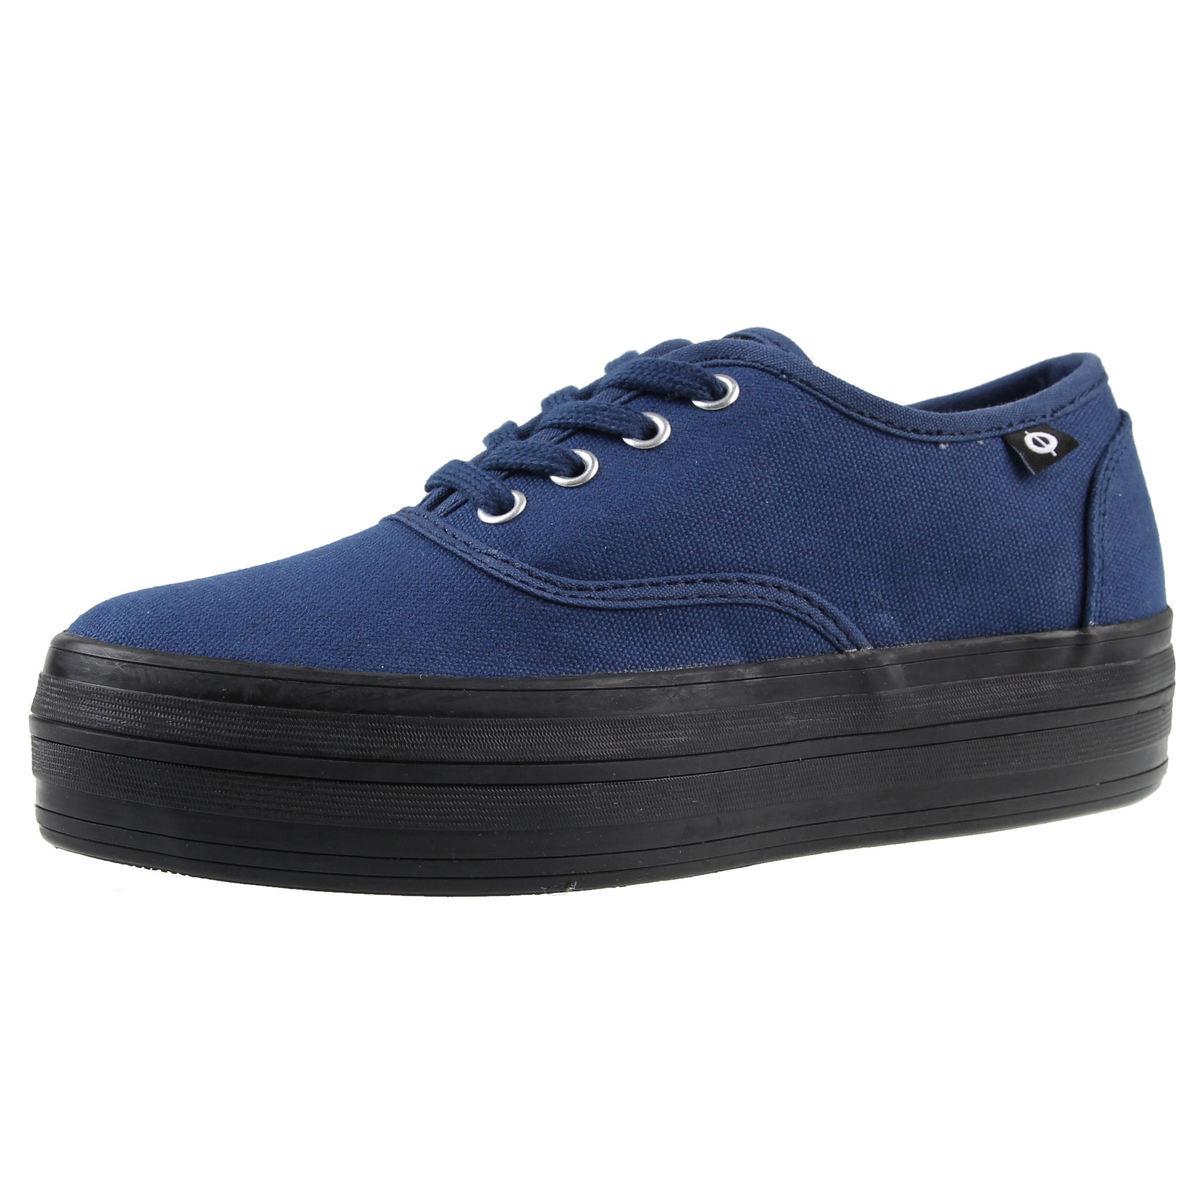 boty dámské ALTERCORE - Navy - 450